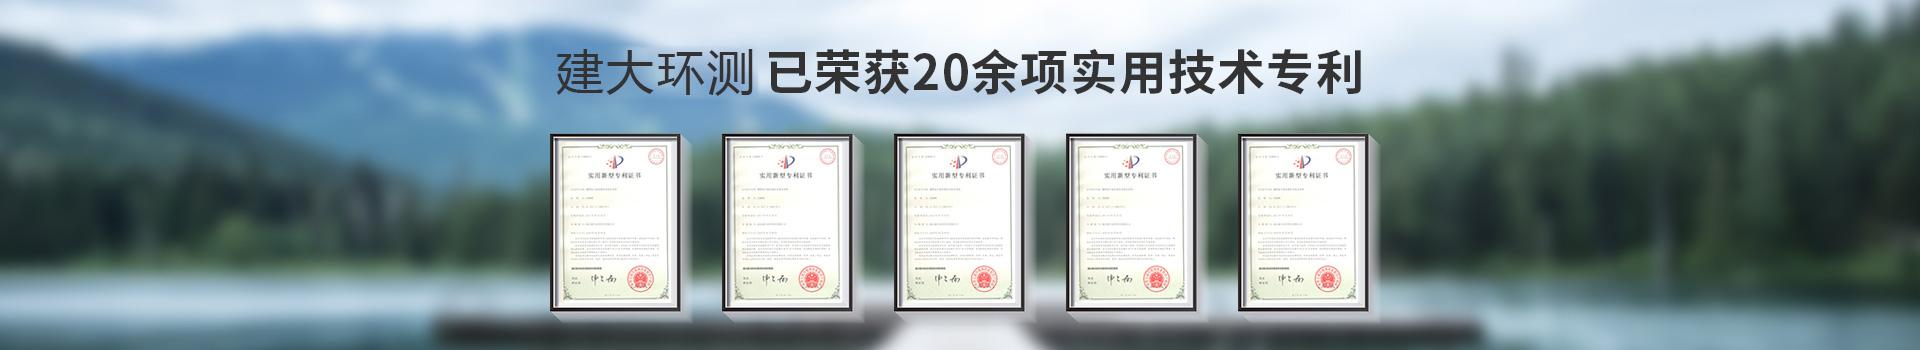 建大新材已荣获20余项实用技术专利